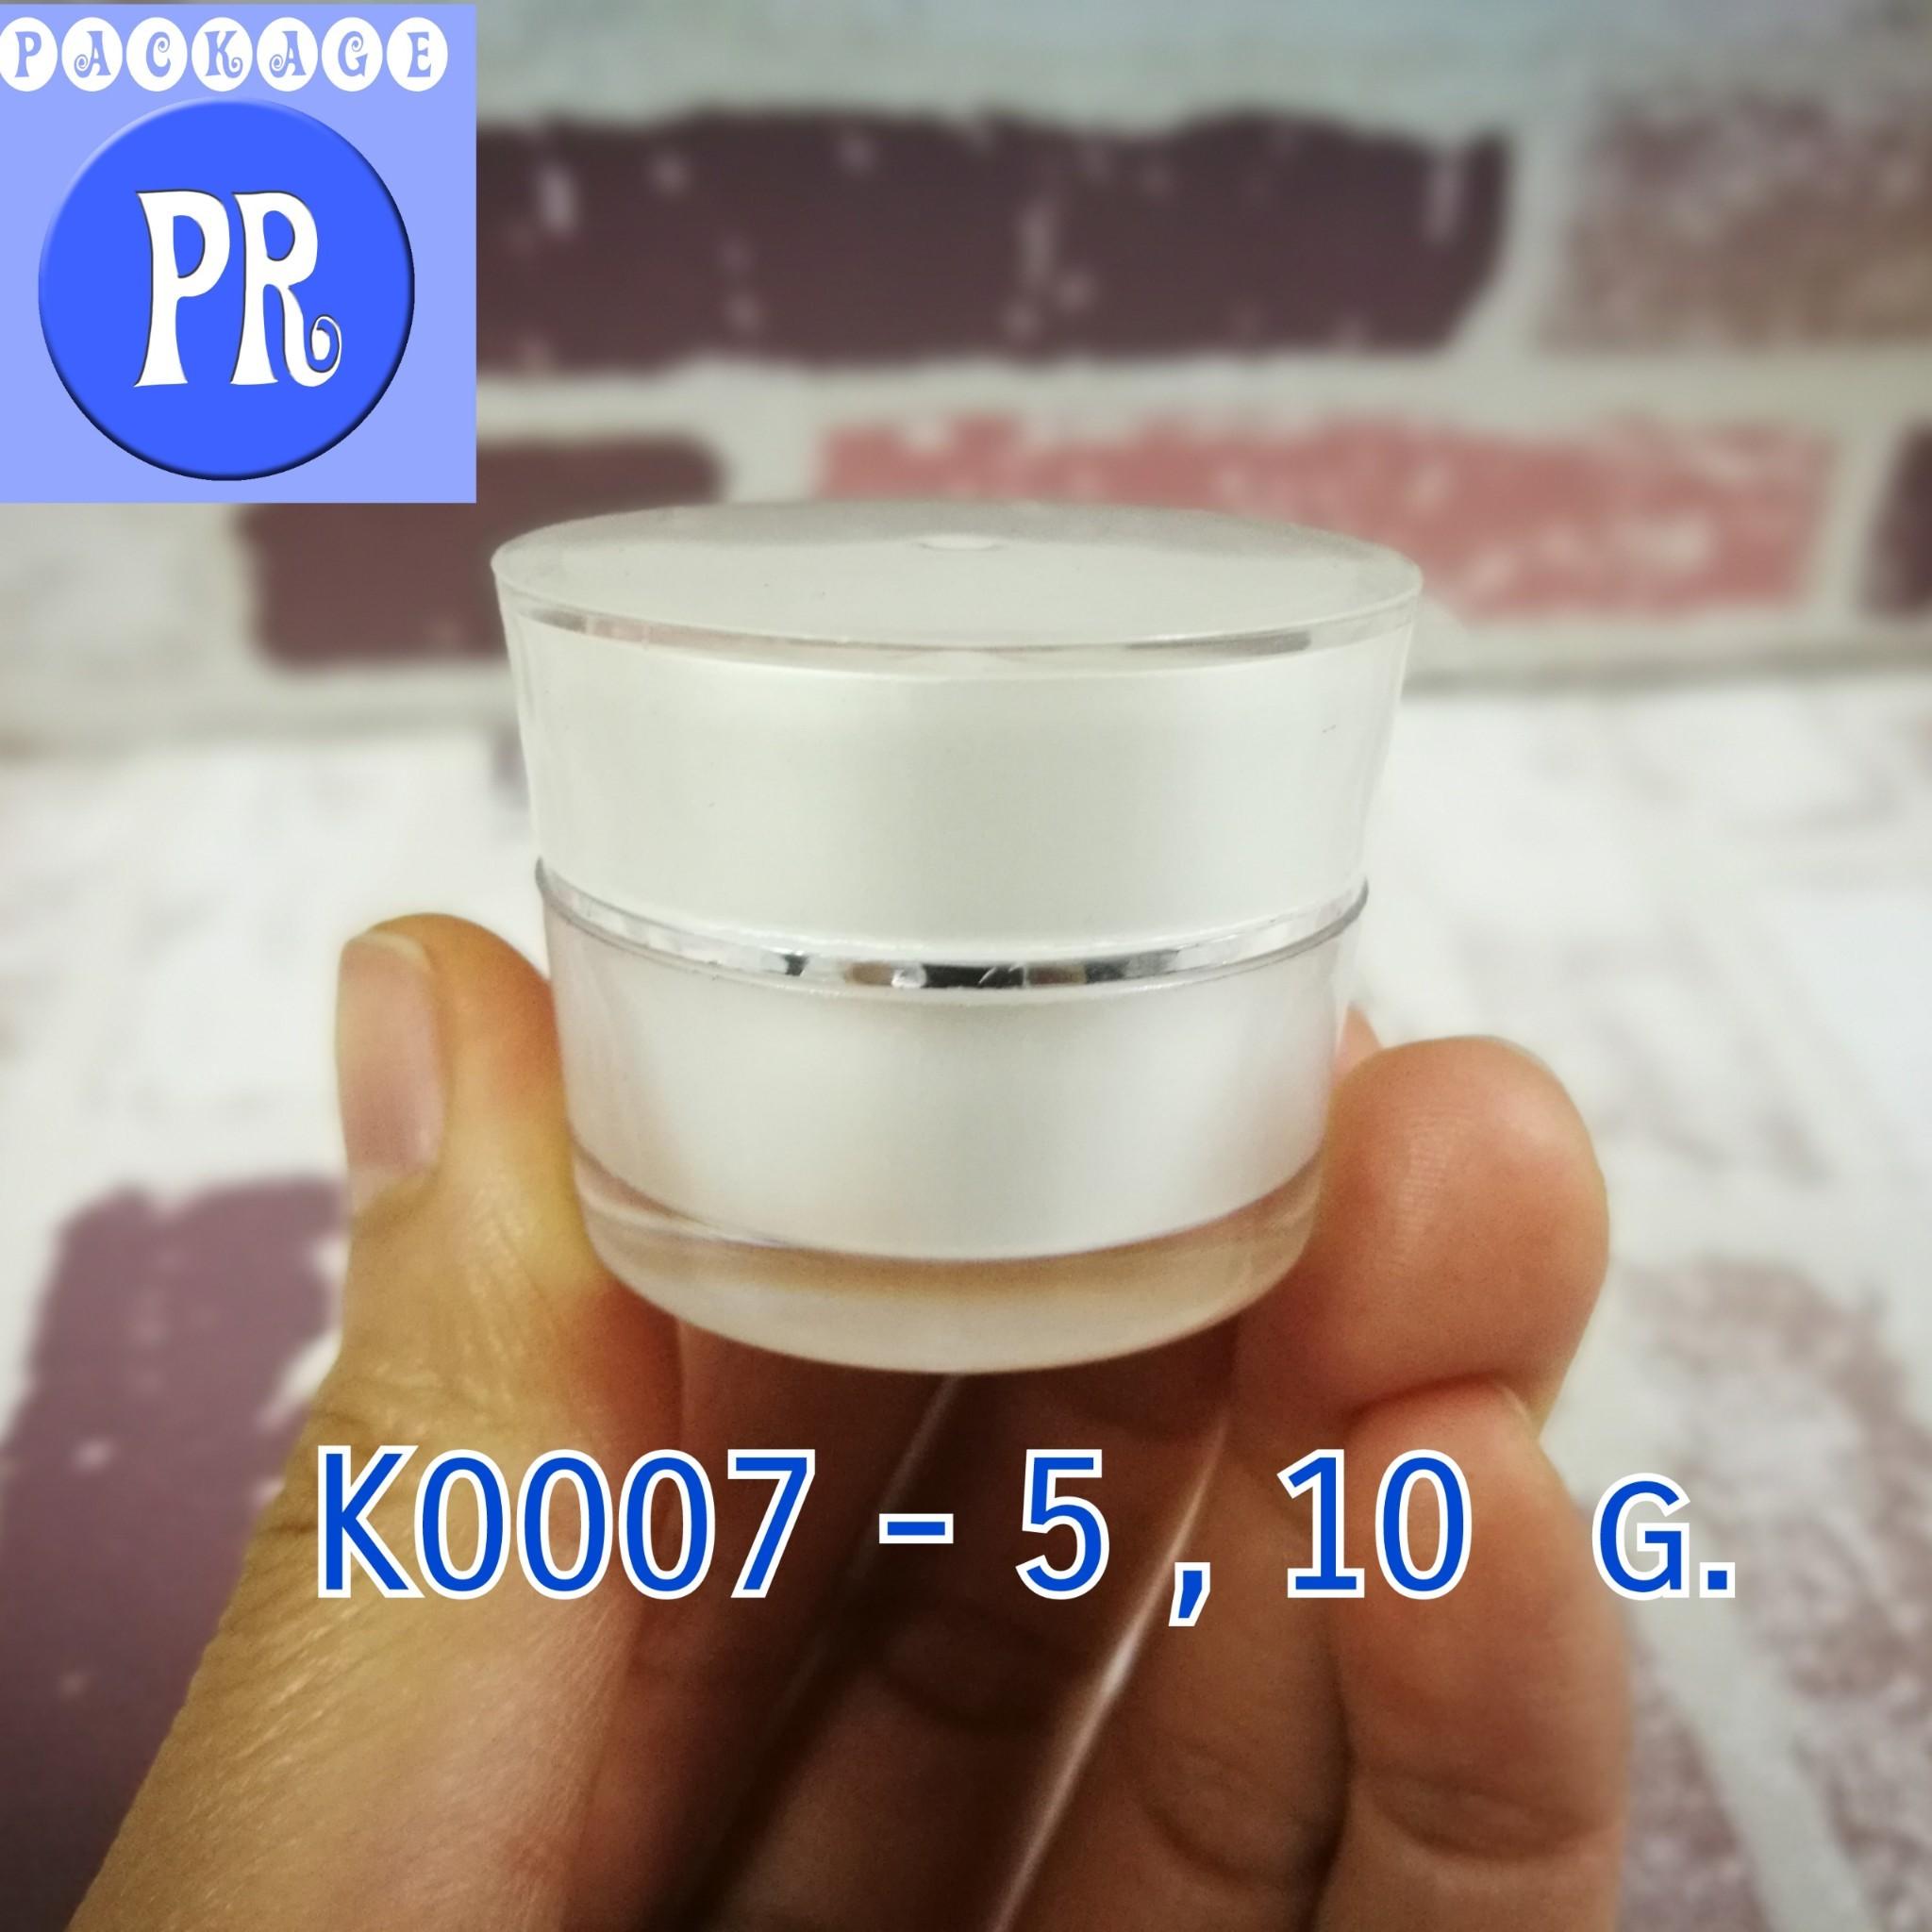 K0007 - 5 g.